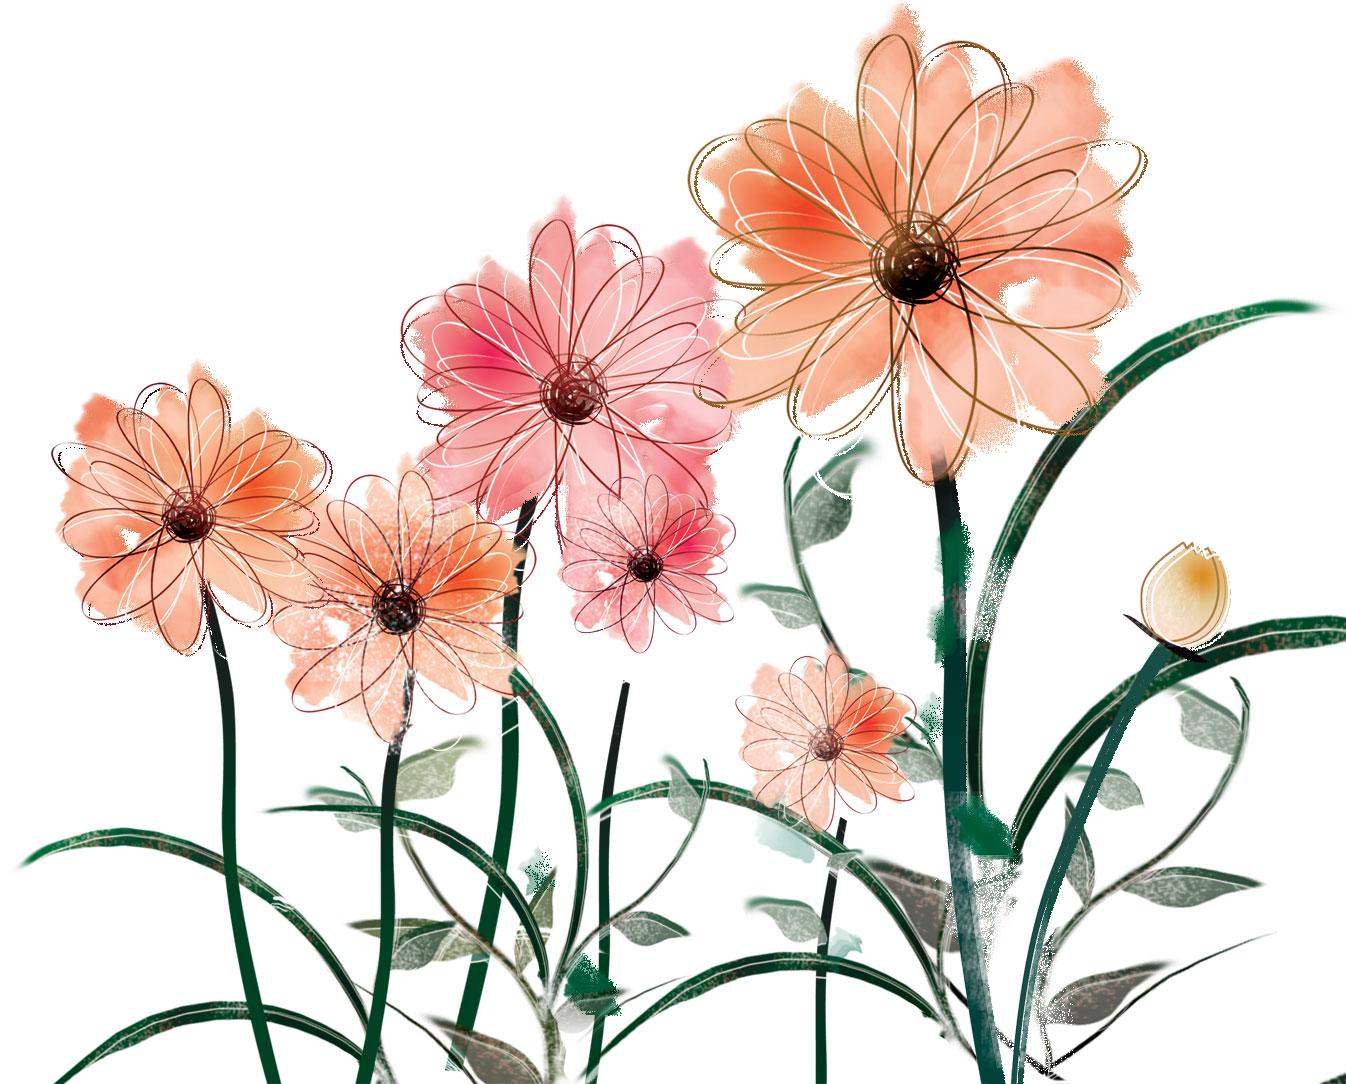 赤い花のイラスト・フリー素材/no.312『和風テイスト』 : 和風の花